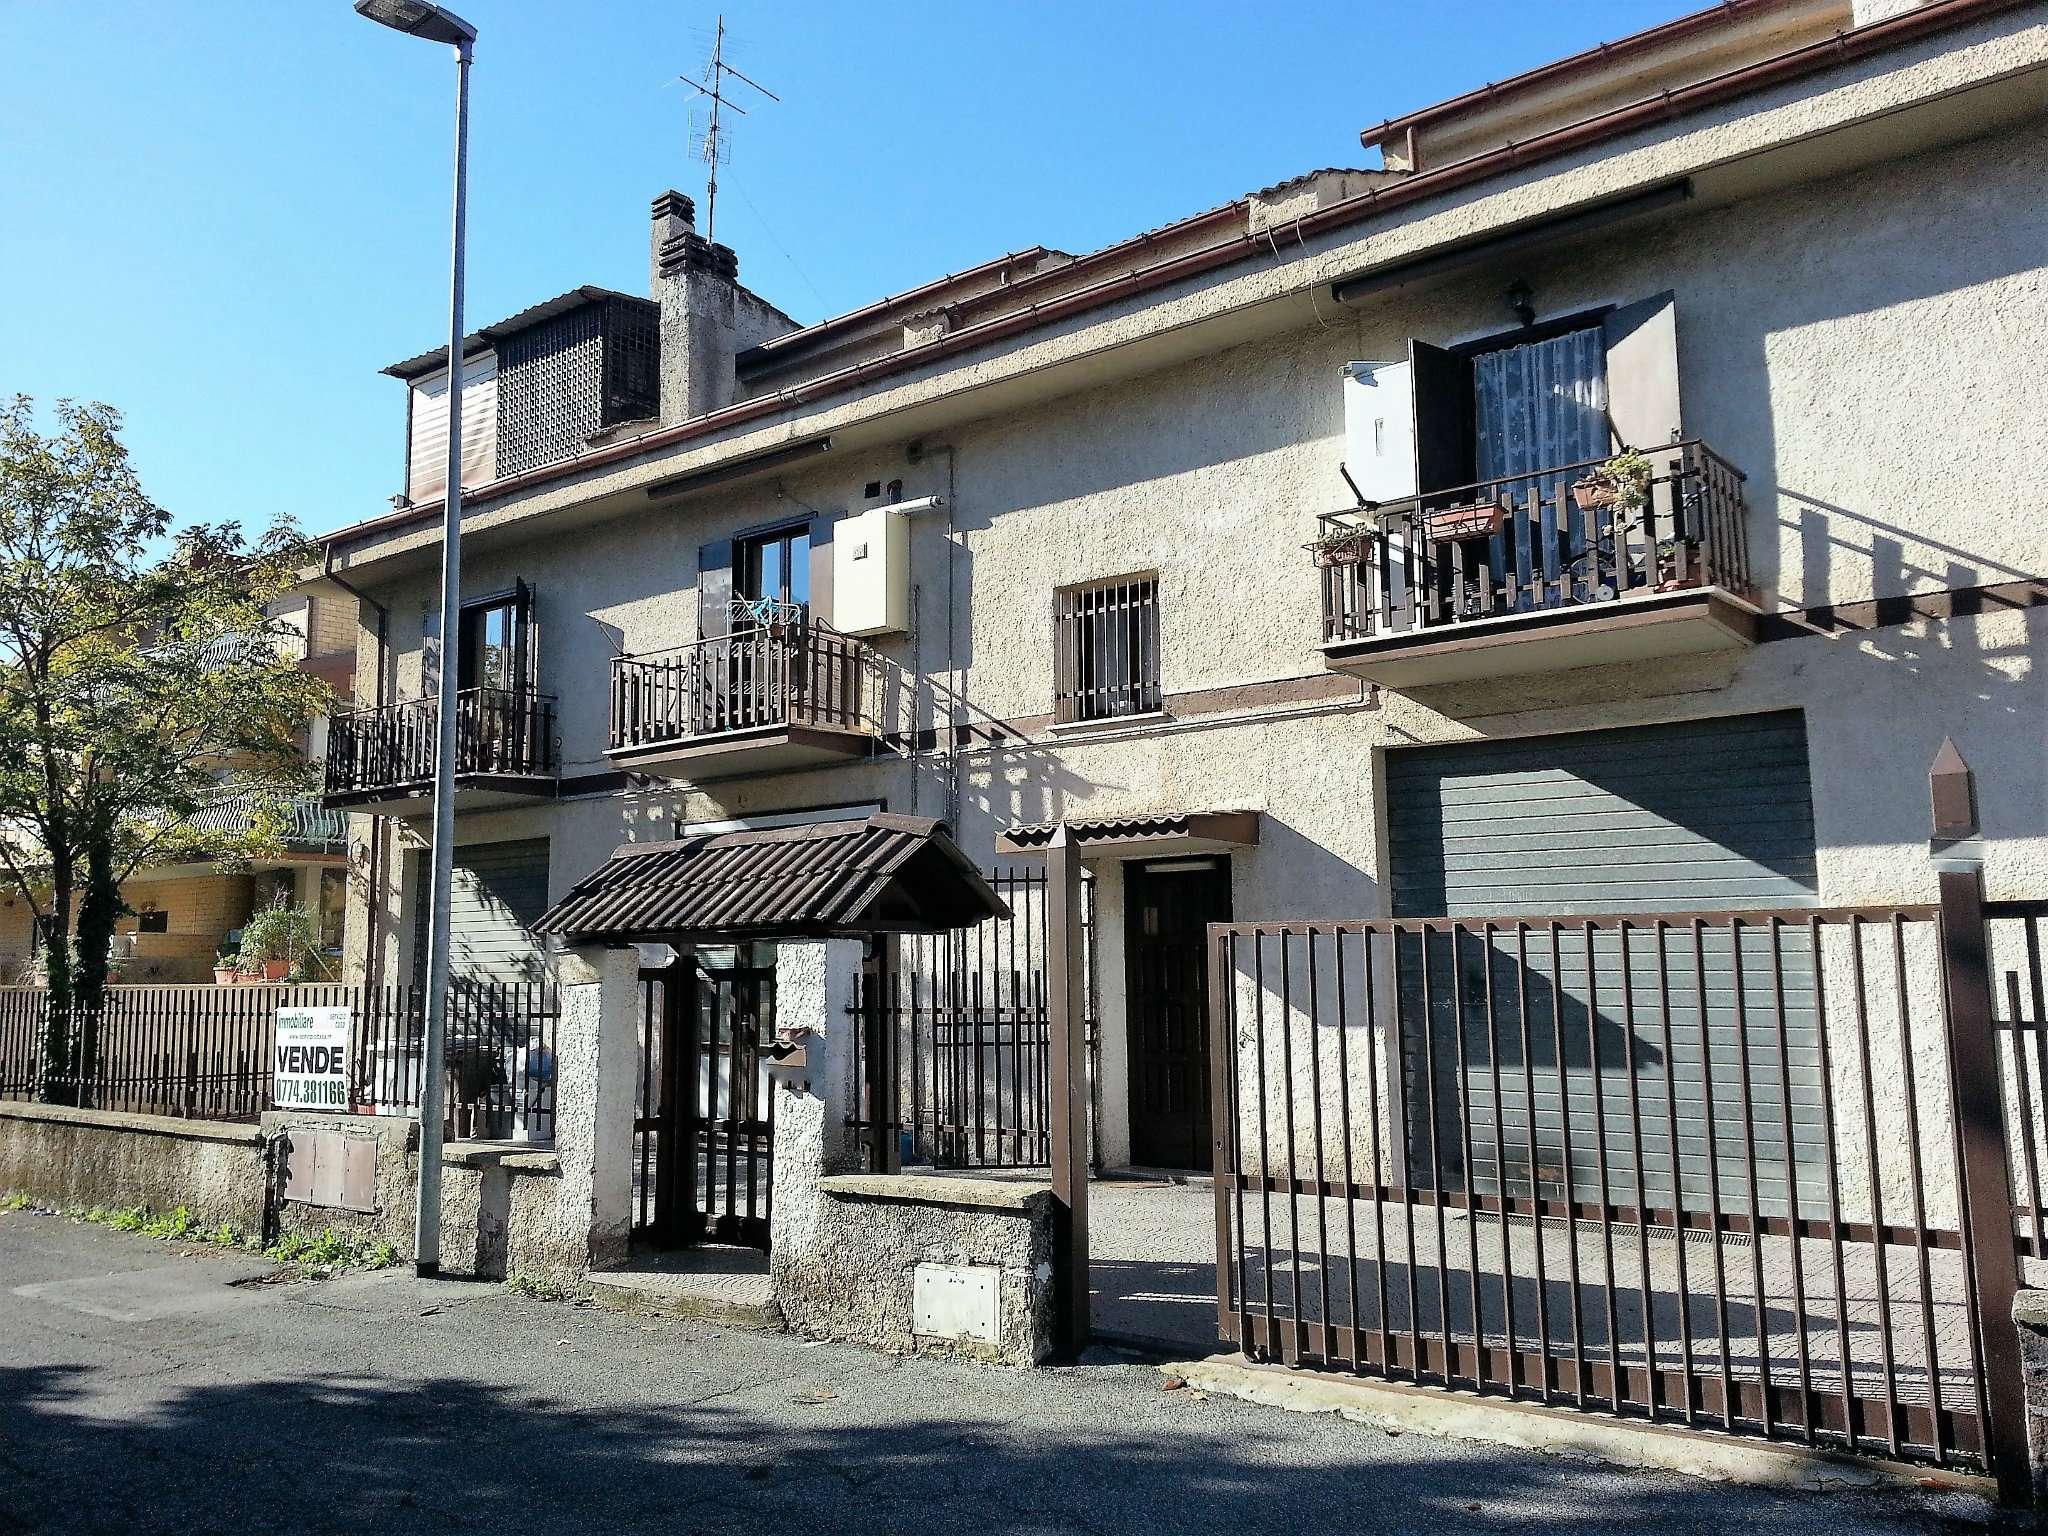 Negozio / Locale in vendita a Guidonia Montecelio, 1 locali, prezzo € 90.000 | CambioCasa.it